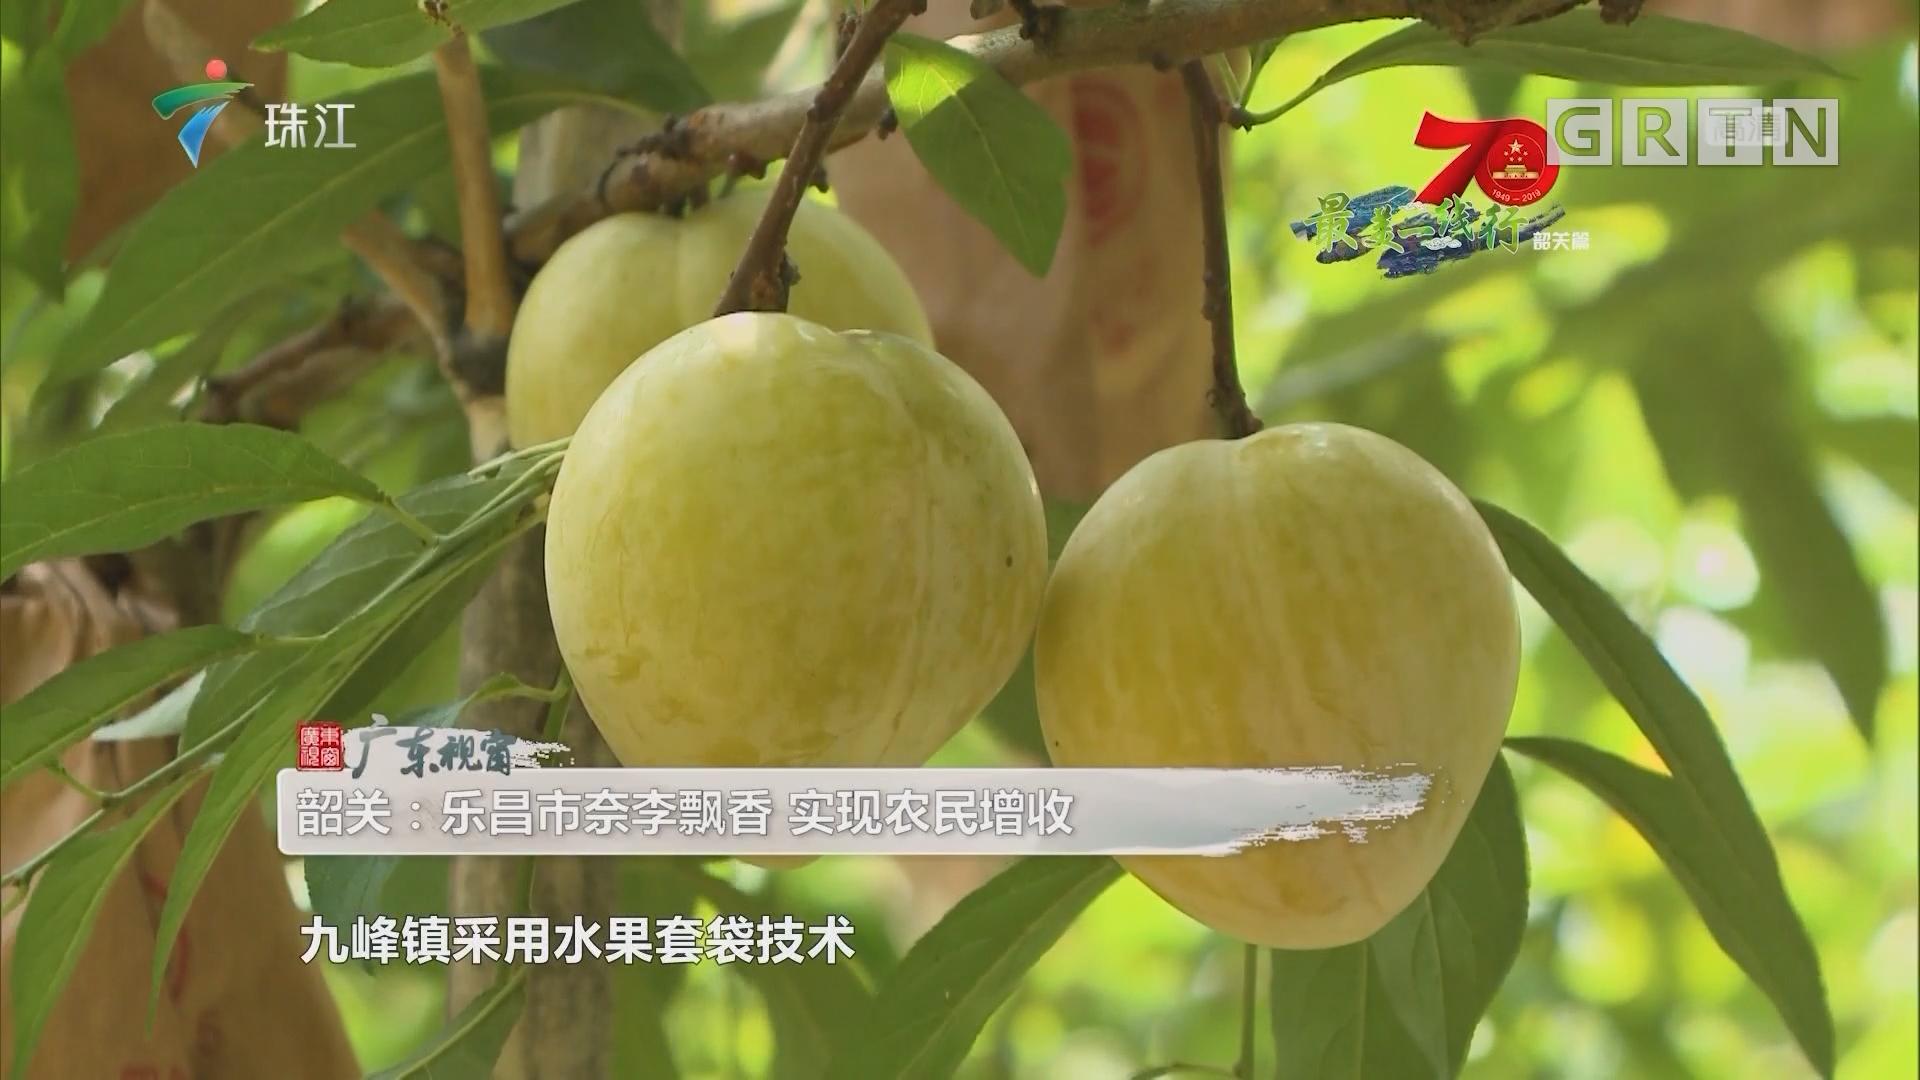 [HD][2019-08-10]广东视窗:韶关·乐昌市奈李飘香 实现农民zs